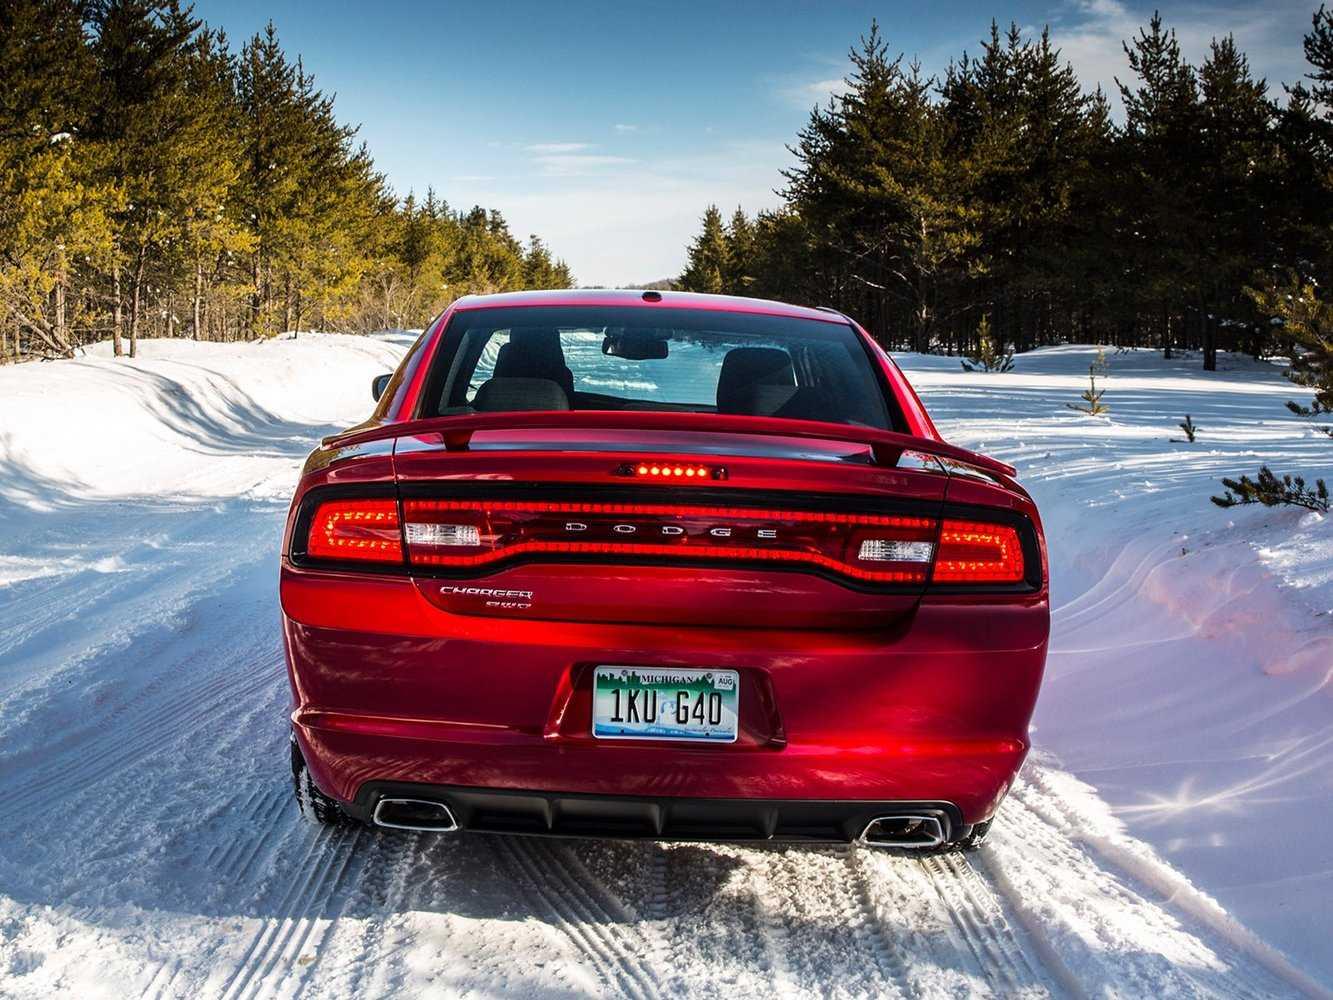 Dodge charger 2019-2020 (ld) цена, технические характеристики, фото, видео тест-драйв